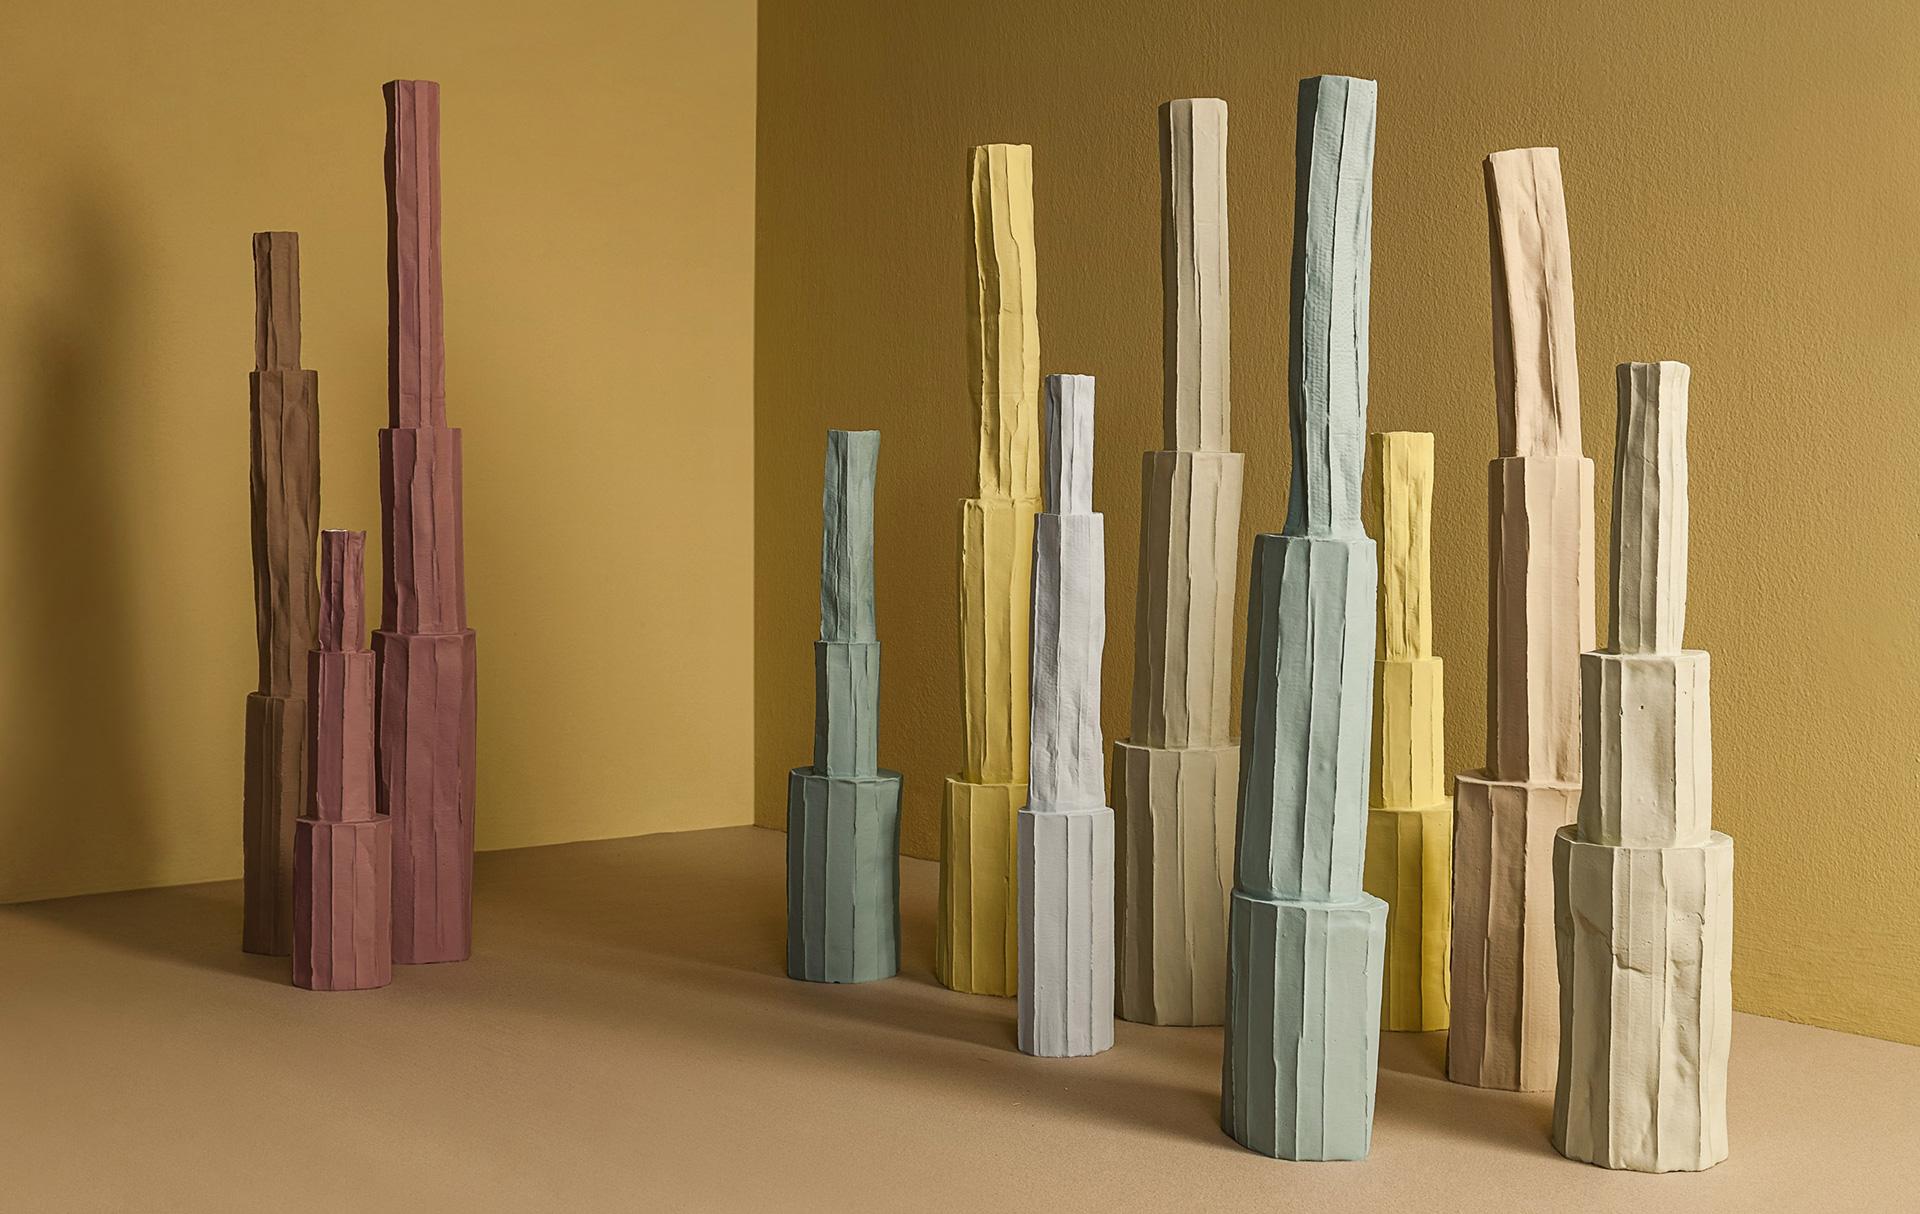 Бумажная керамика Паолы Паронетто